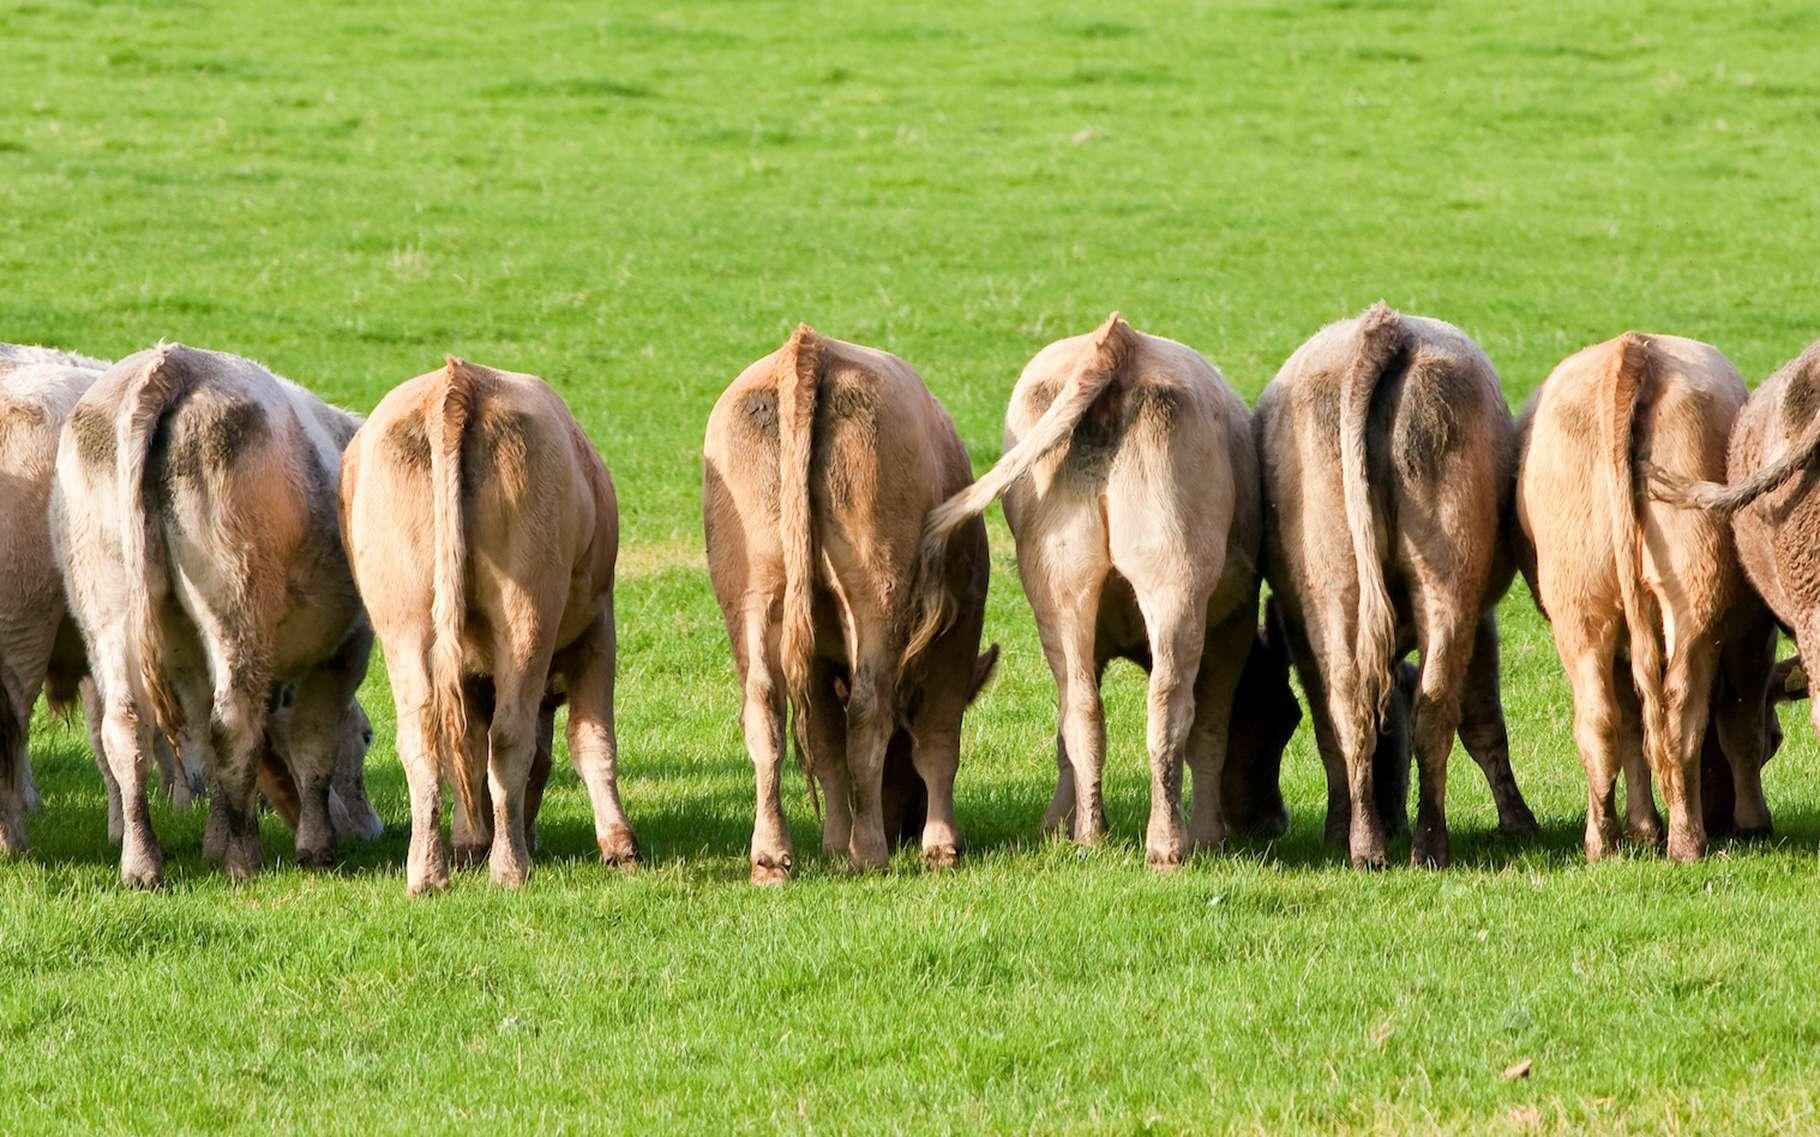 Par leurs pets et leurs rots — les savants parlent de fermentation entérique —, les ruminants d'élevage émettent de quantité de méthane, un puissant gaz à effet de serre. © gozzoli, Adobe Stock